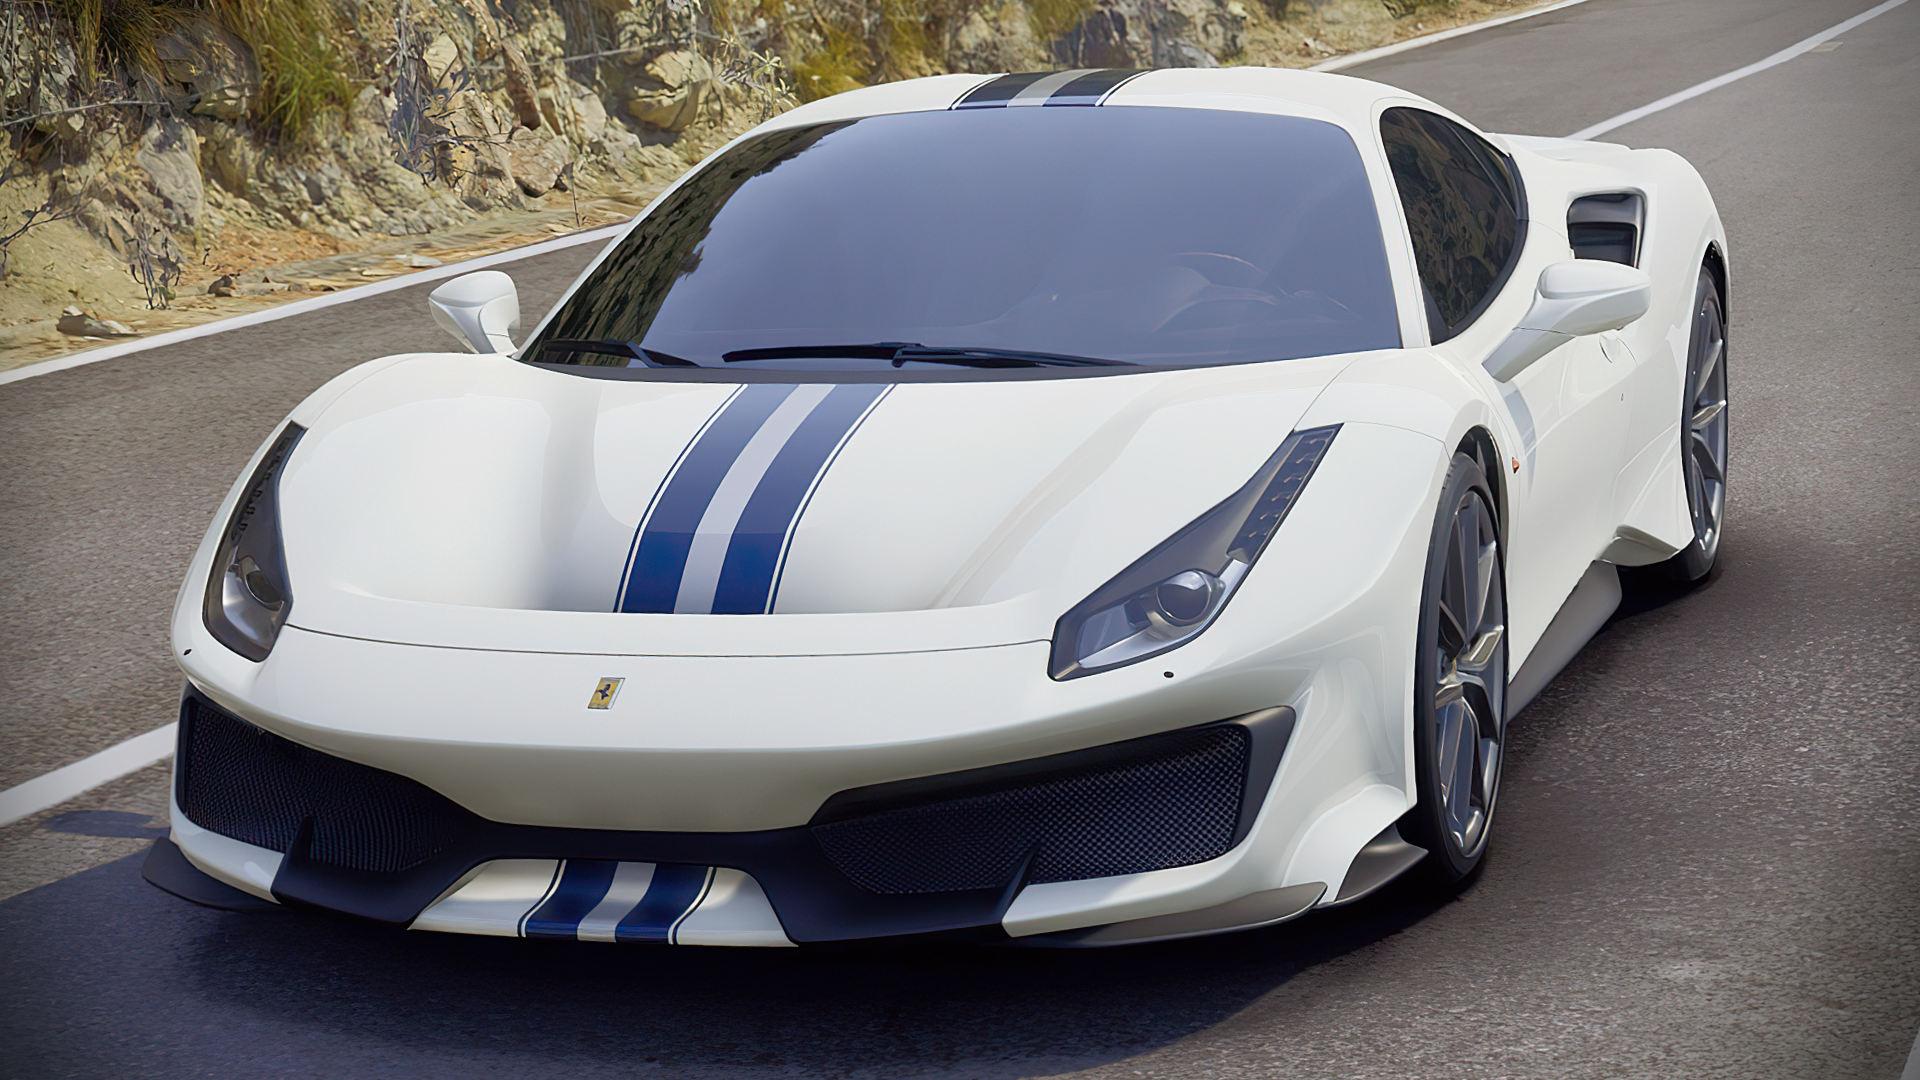 2019 Ferrari 488 Pista White Car Images